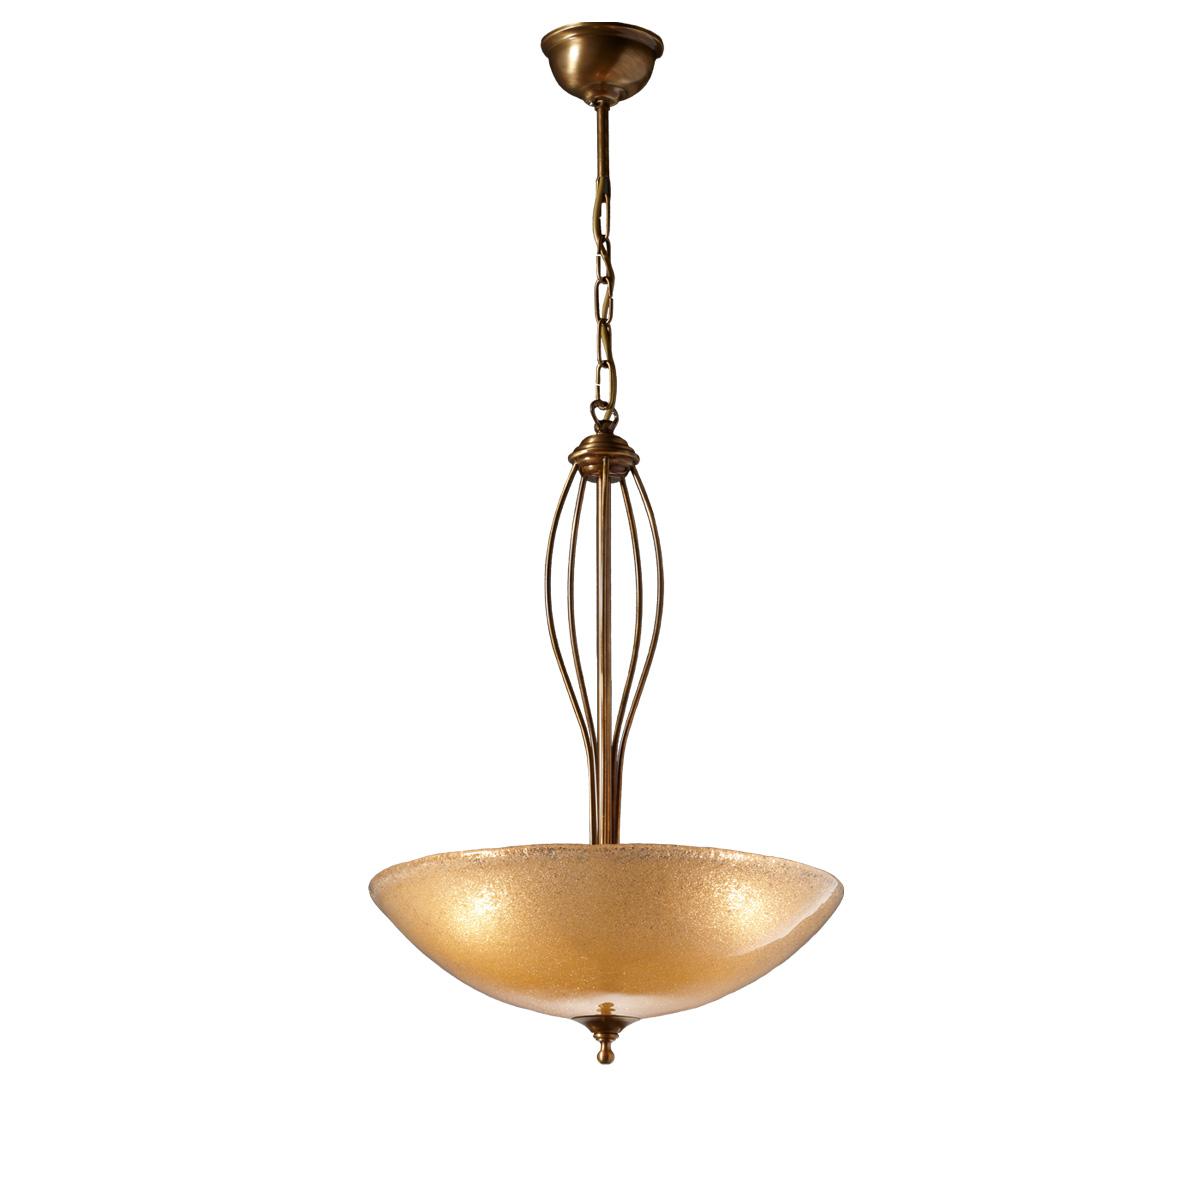 Κλασικό μονόφωτο με κρύσταλλο Murano ΝΥΜΦΑΙΟ classic suspension lamp with Murano crystal